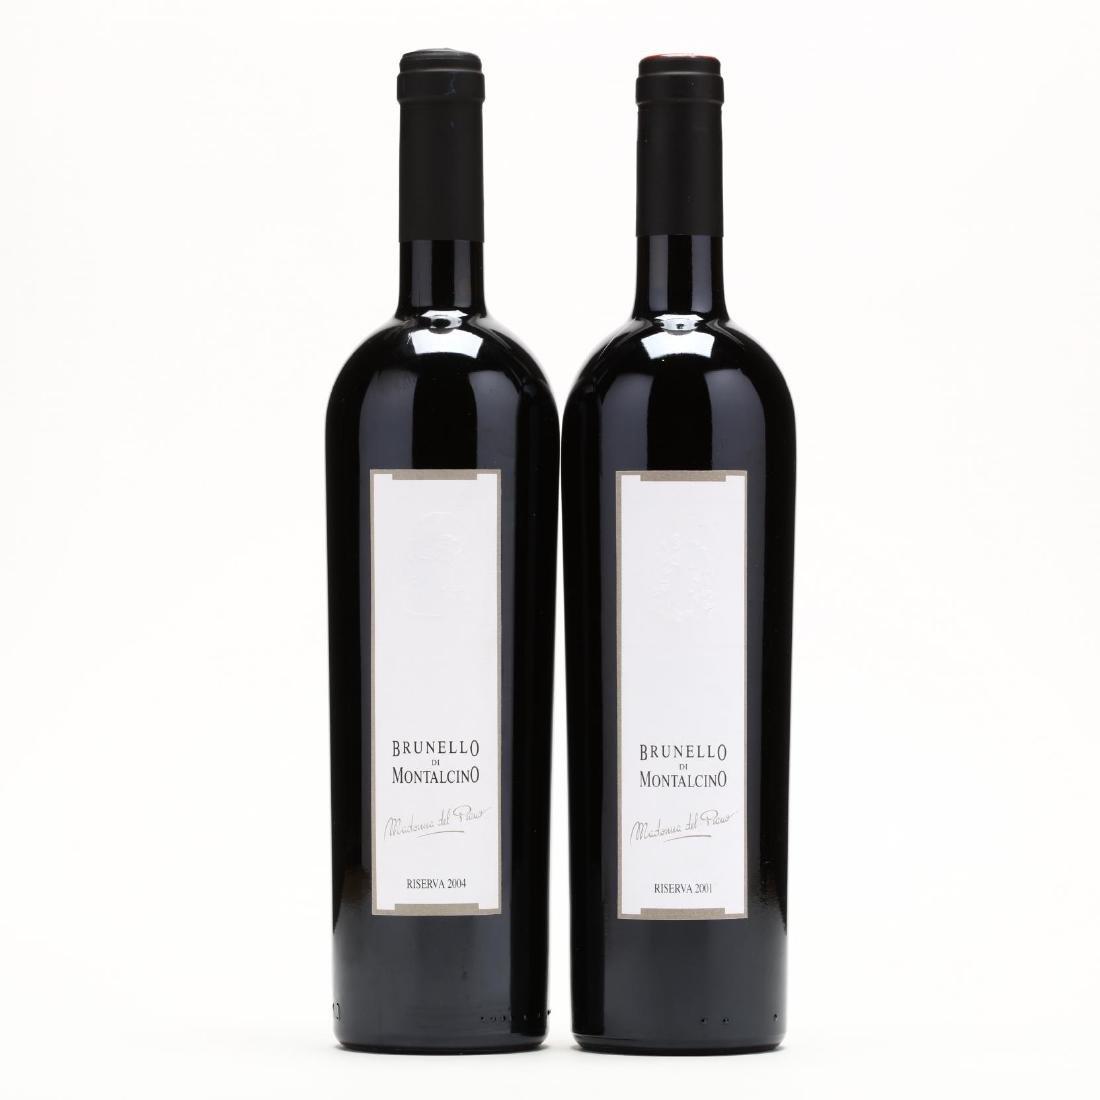 2001 & 2004 Brunello di Montalcino